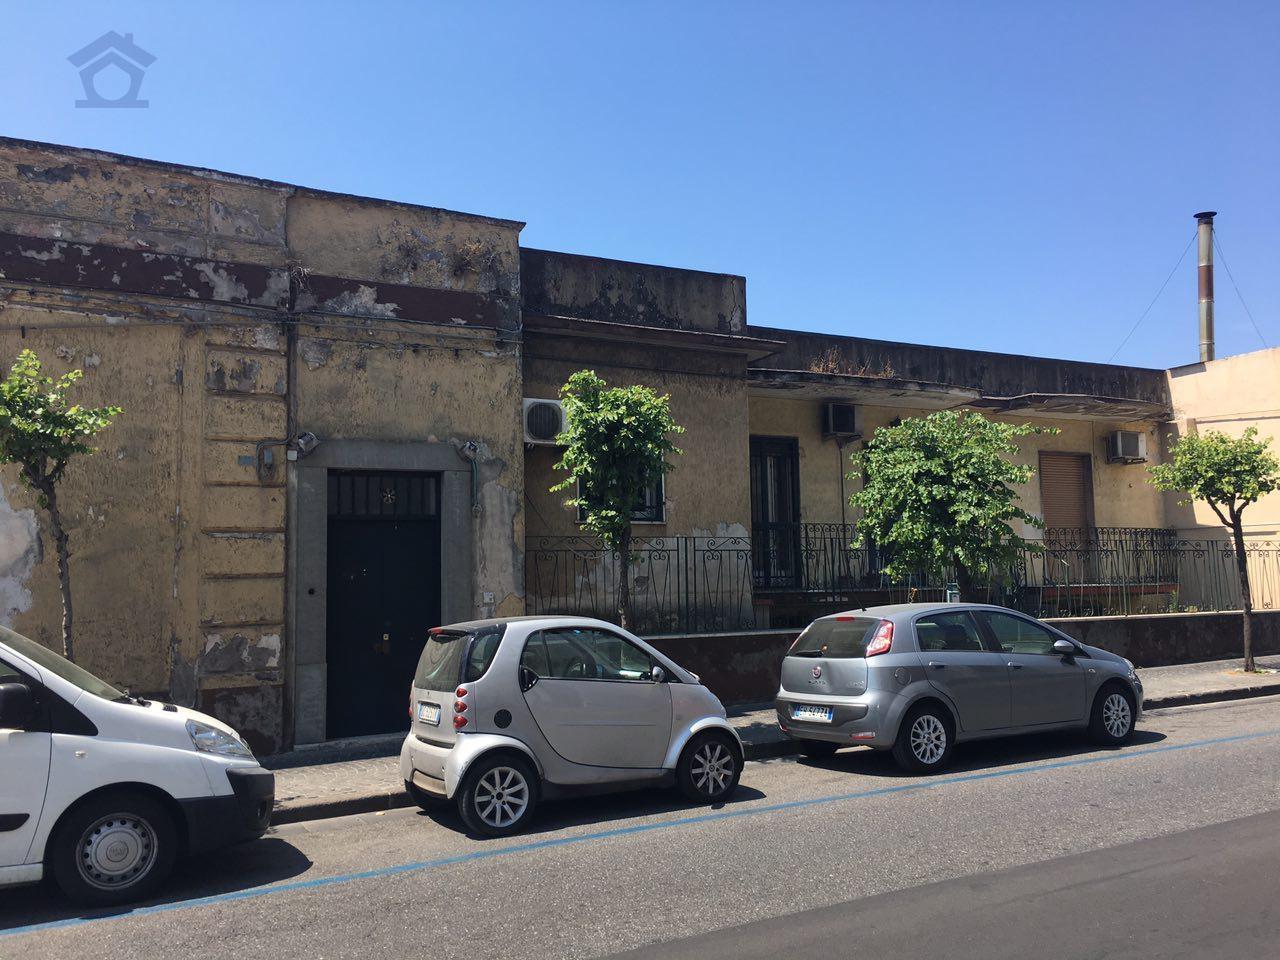 Appartamento in affitto a Torre Annunziata, 3 locali, zona Località: nord, prezzo € 700 | CambioCasa.it